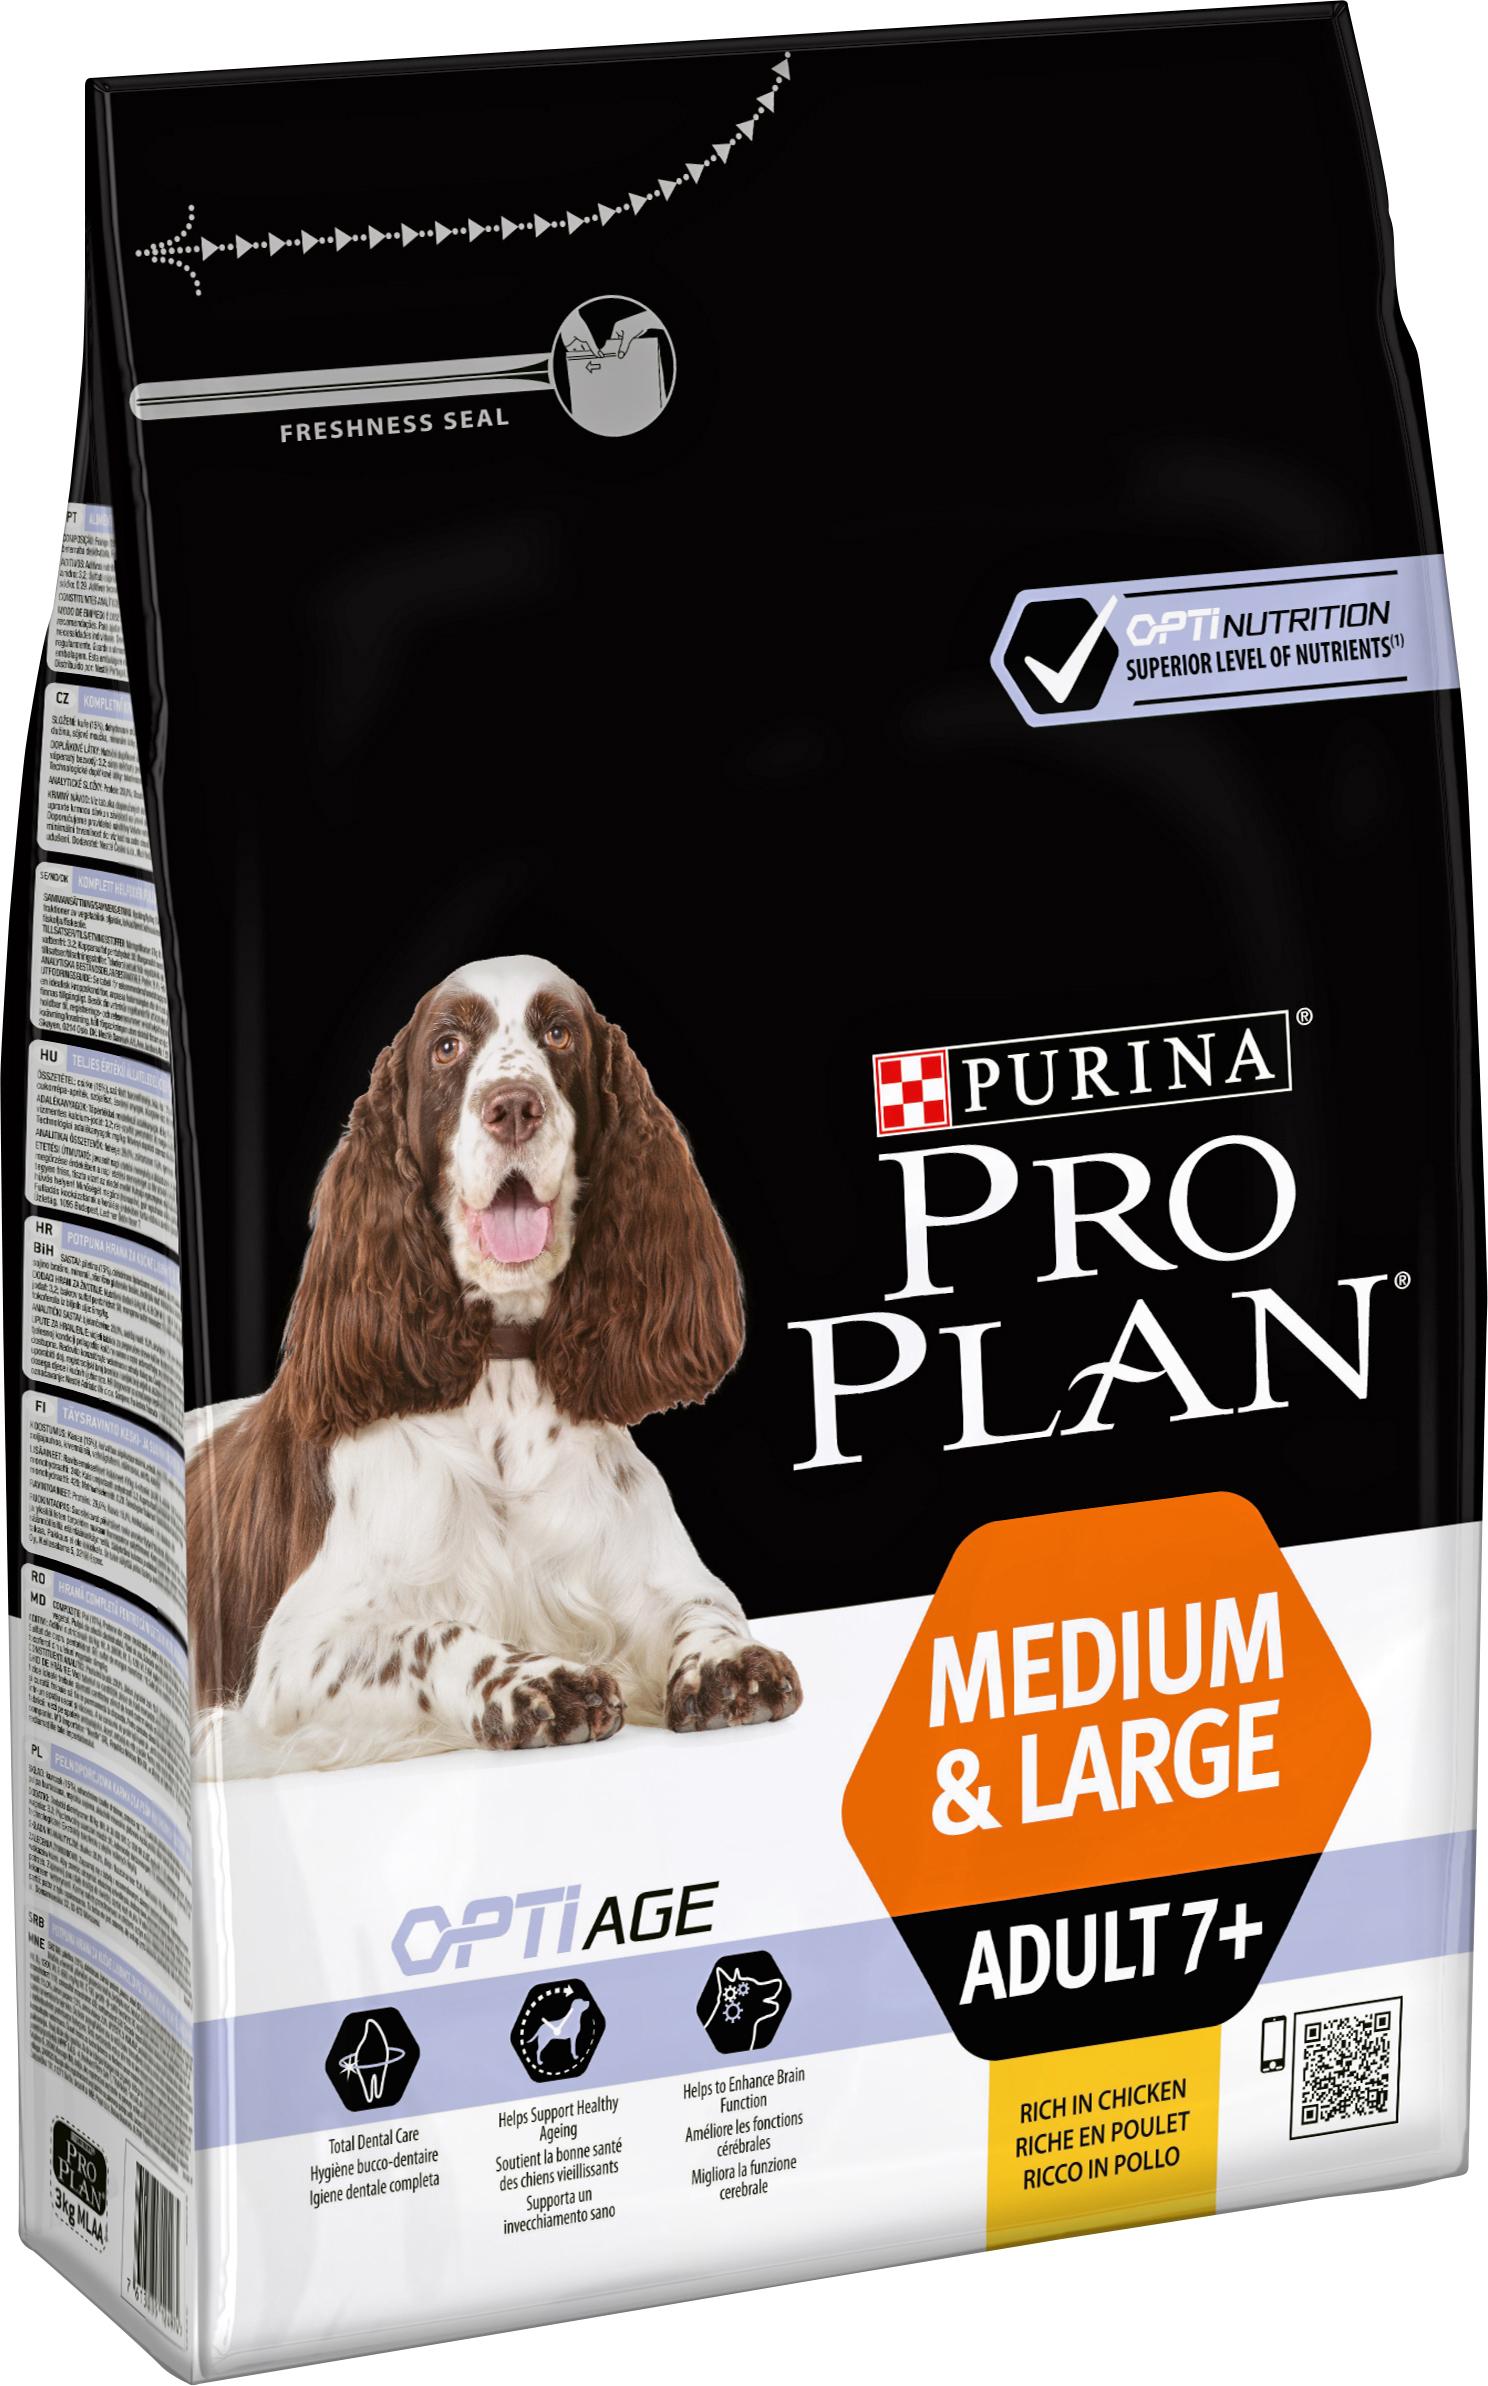 Hundfoder Pro Plan Medium & Large Adult 7+, 3 kg